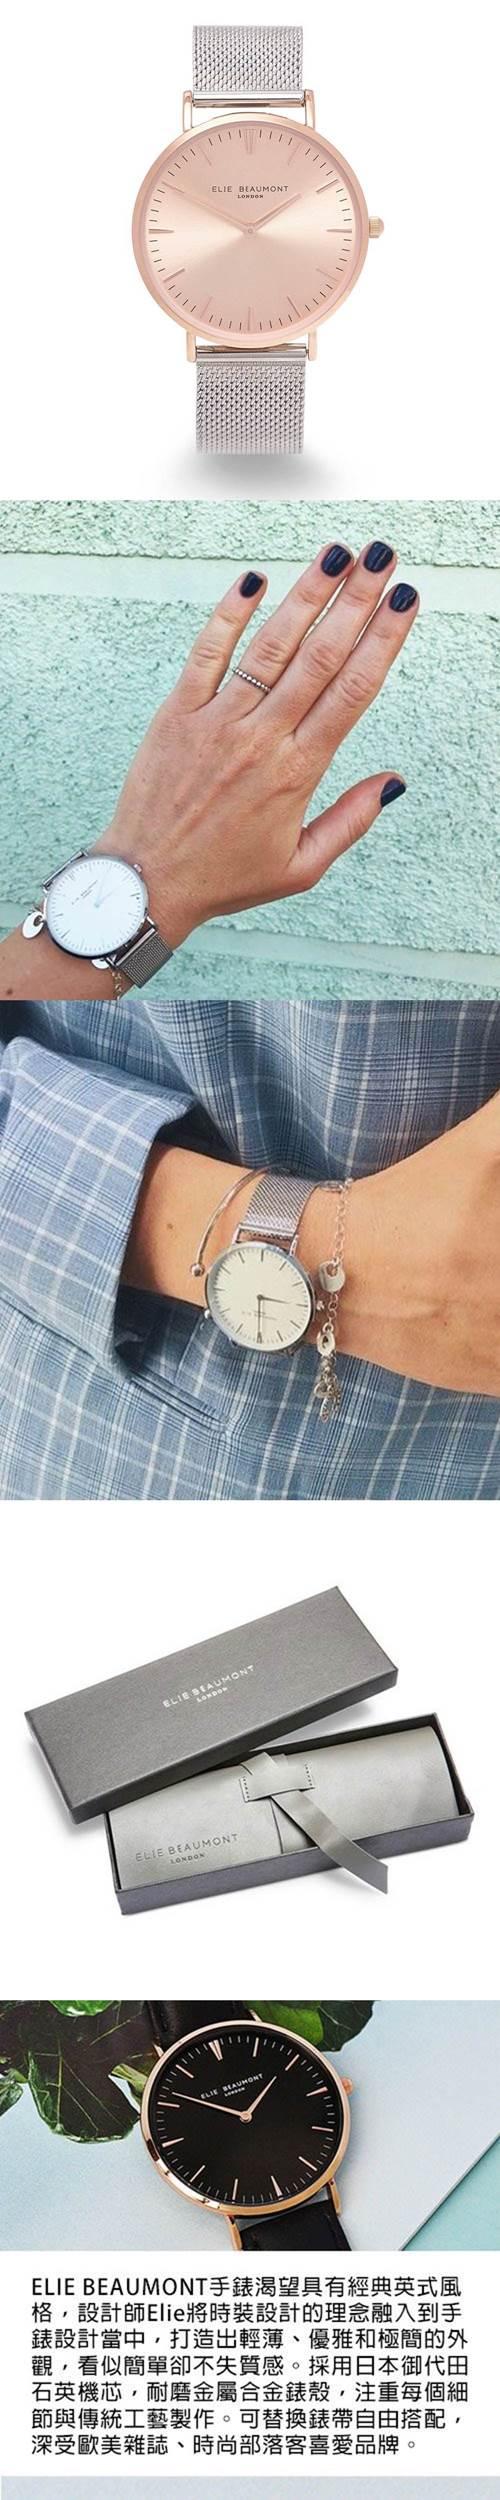 (複製)Elie Beaumont 英國時尚手錶 牛津米蘭錶帶系列 黑錶盤x玫瑰金色錶帶錶框33mm